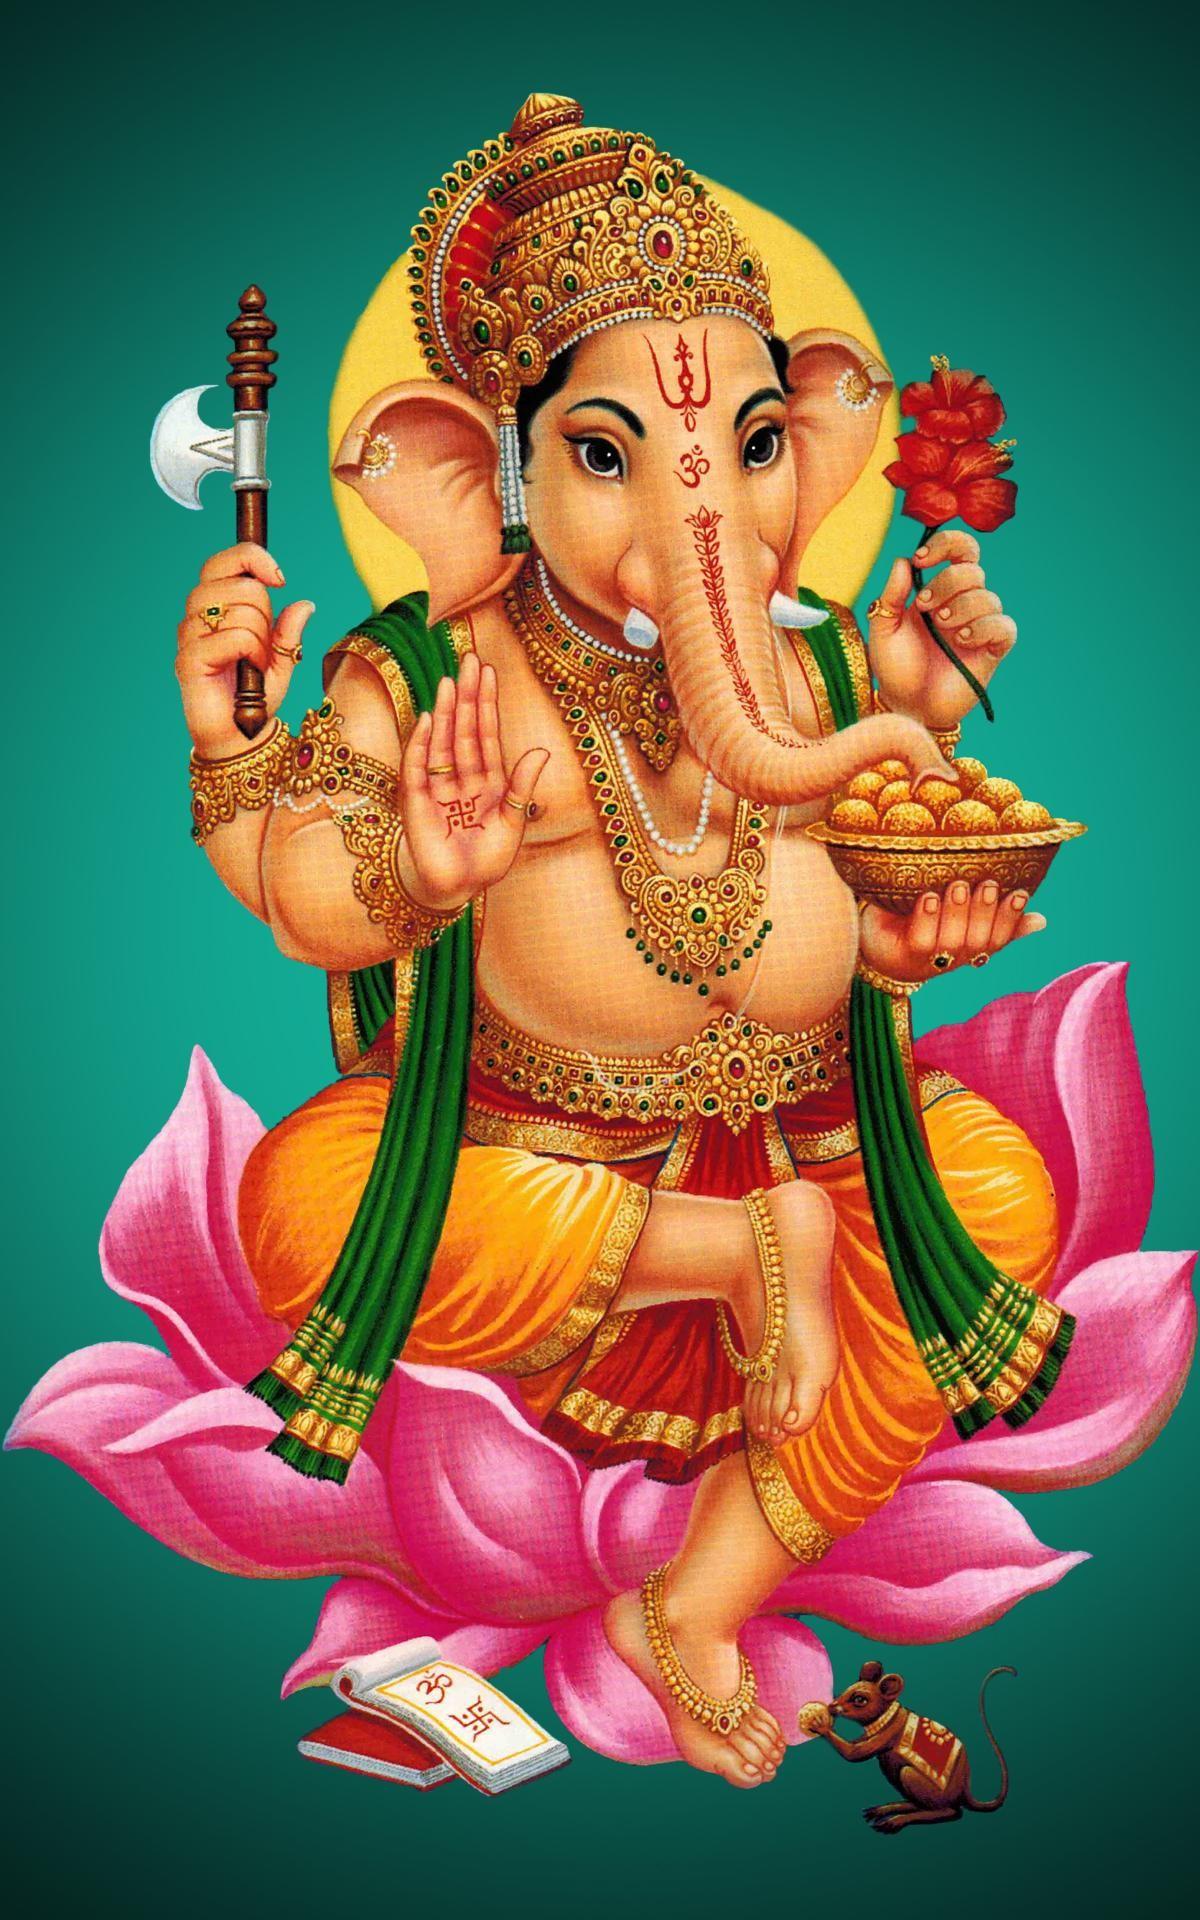 Download – Lord Ganesha Wallpaper